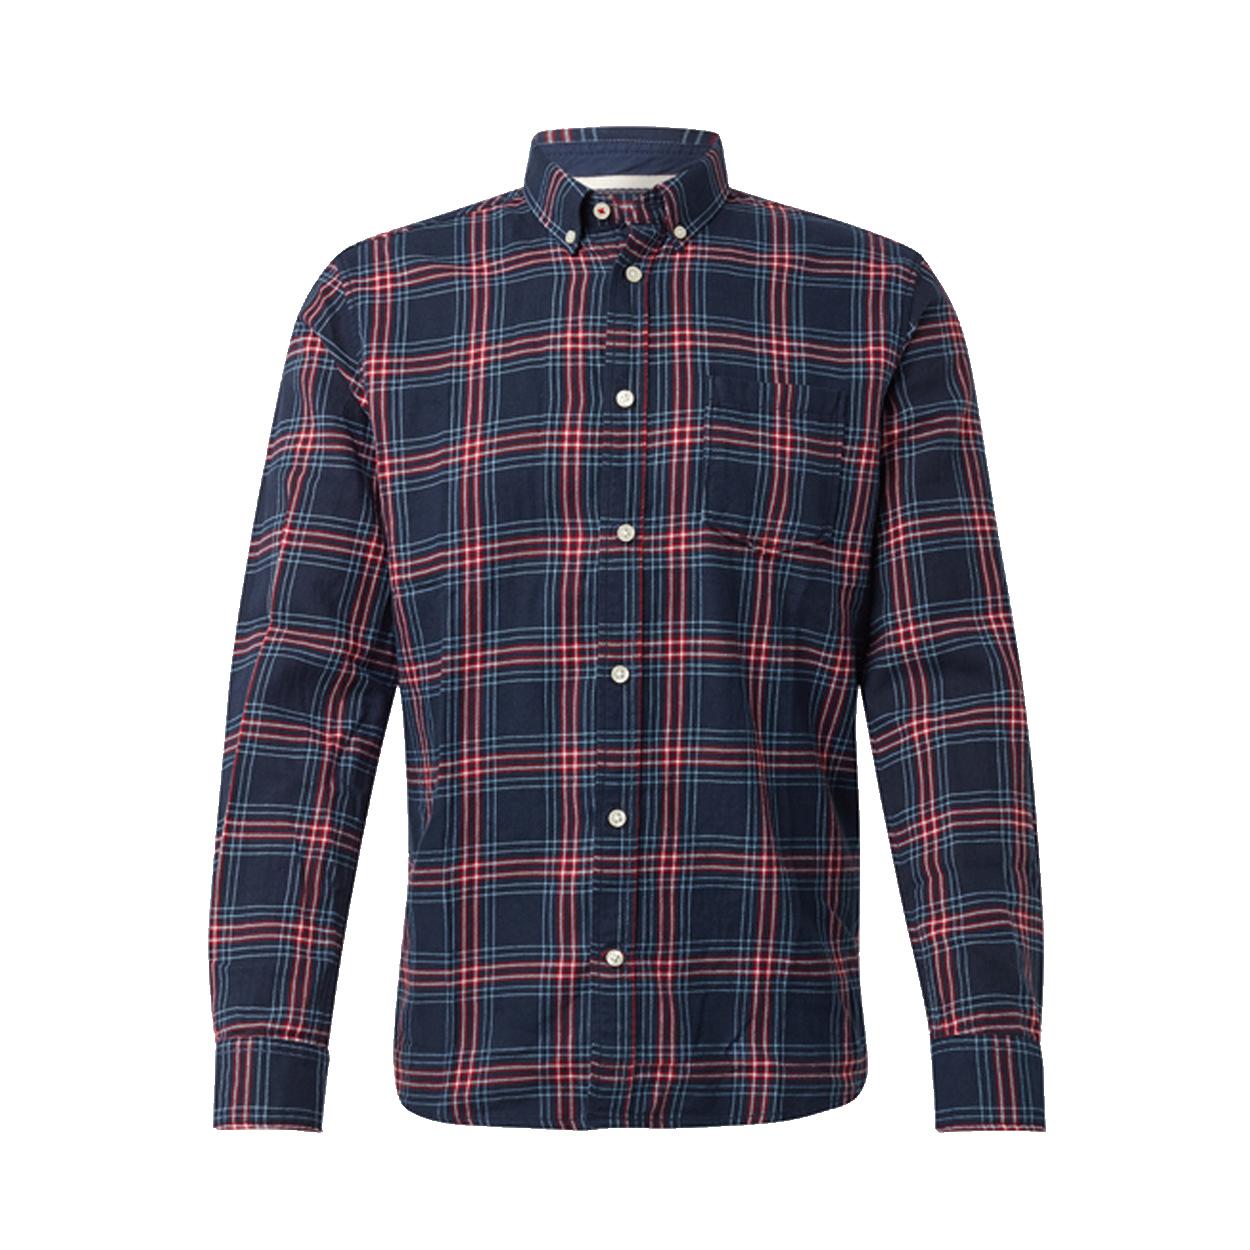 Chemise ajustée  en coton bleu marine à carreaux rouges et blancs